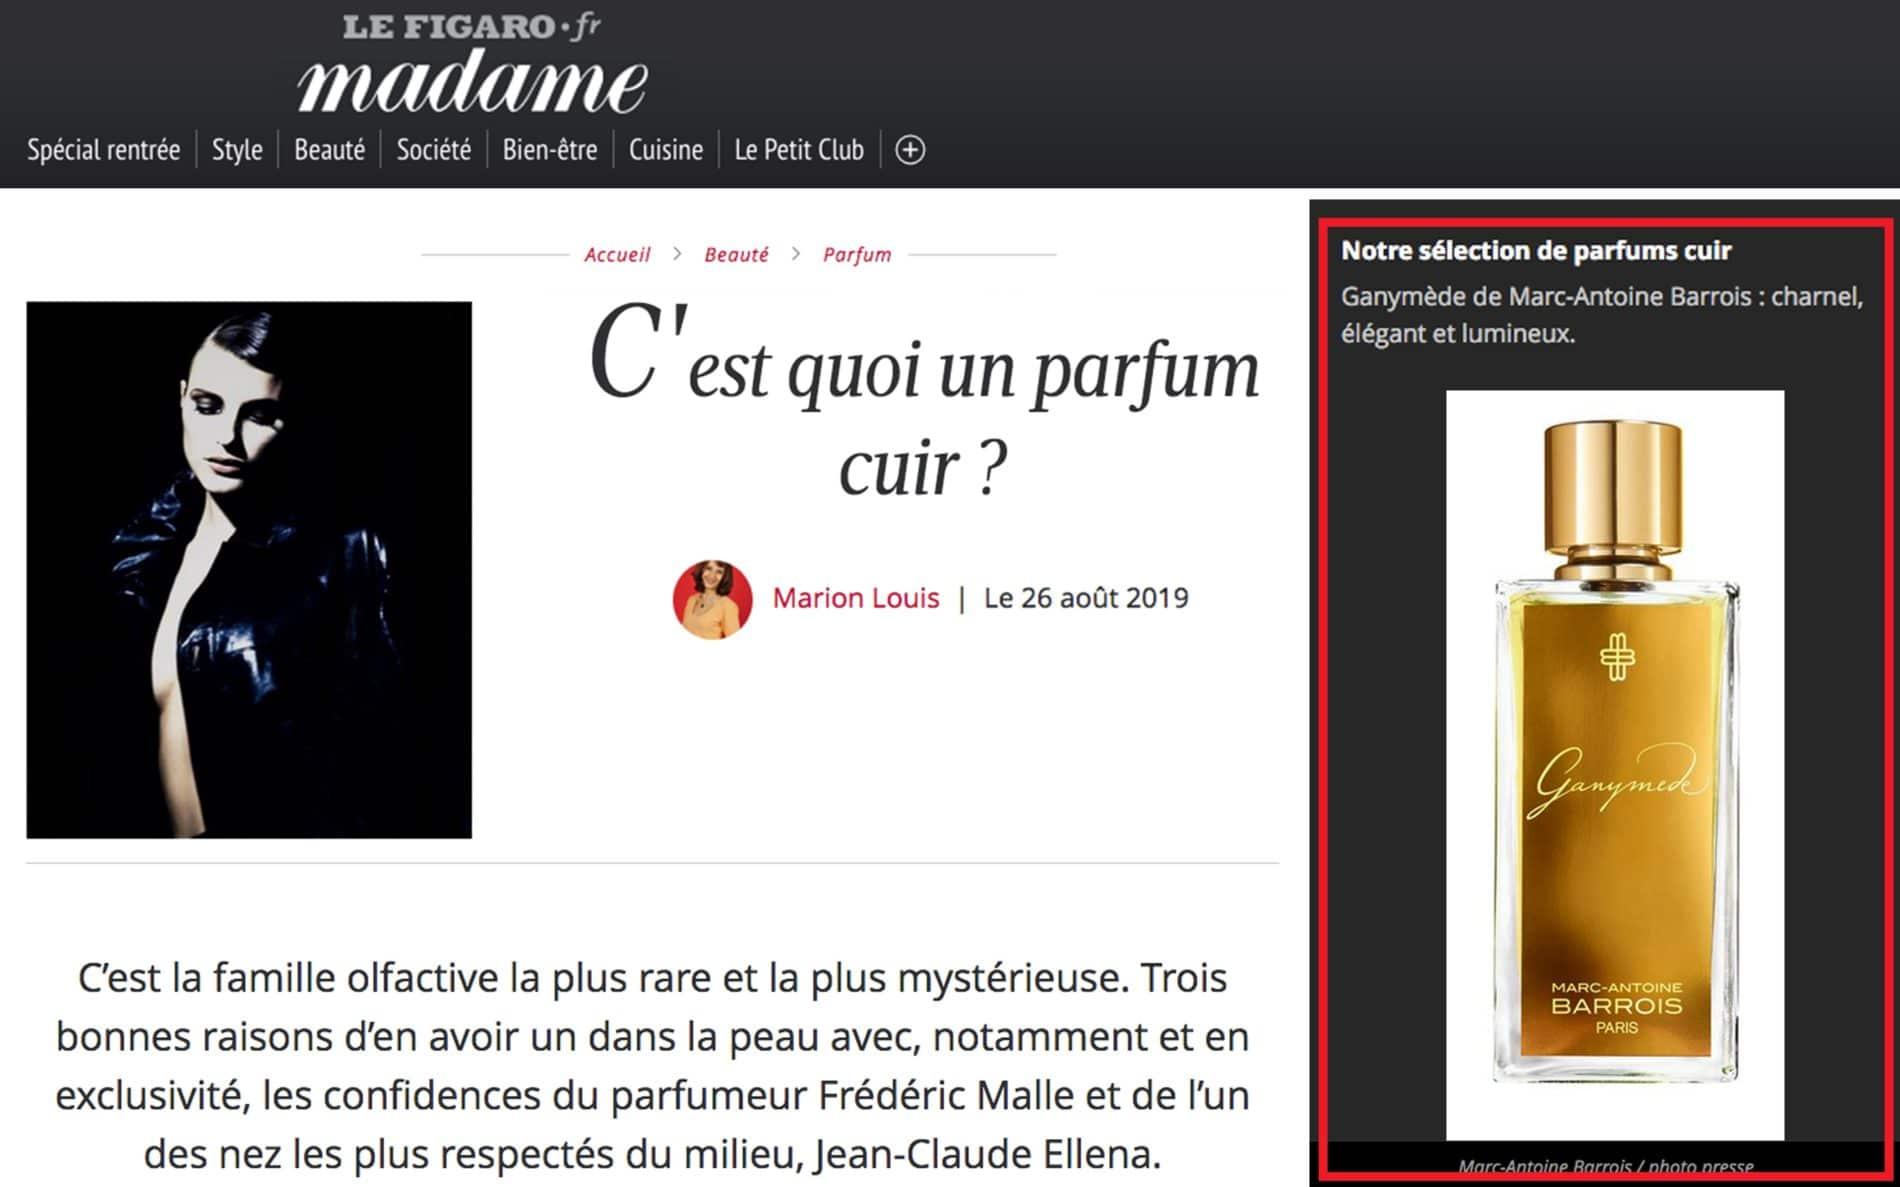 MADAME FIGARO FR - 08-19